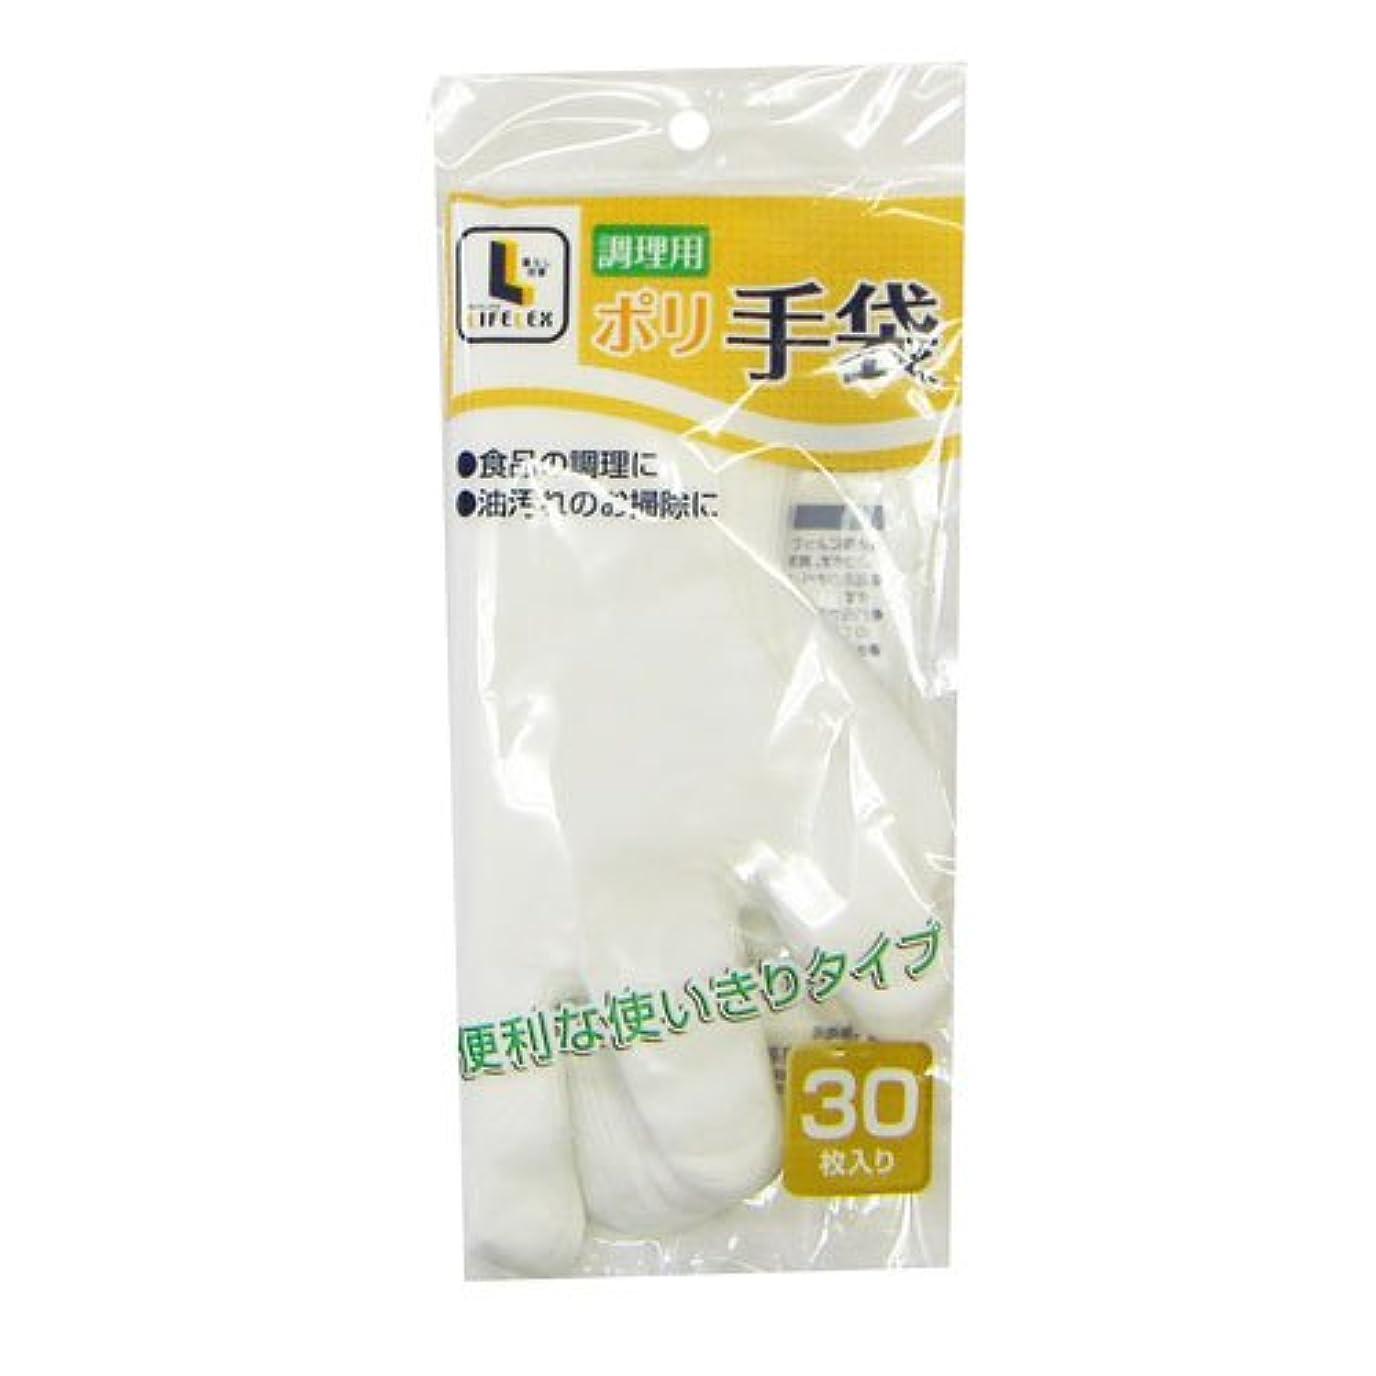 カスケード子音支援コーナンオリジナル 調理用ポリ手袋 30枚入 KHD05-7510